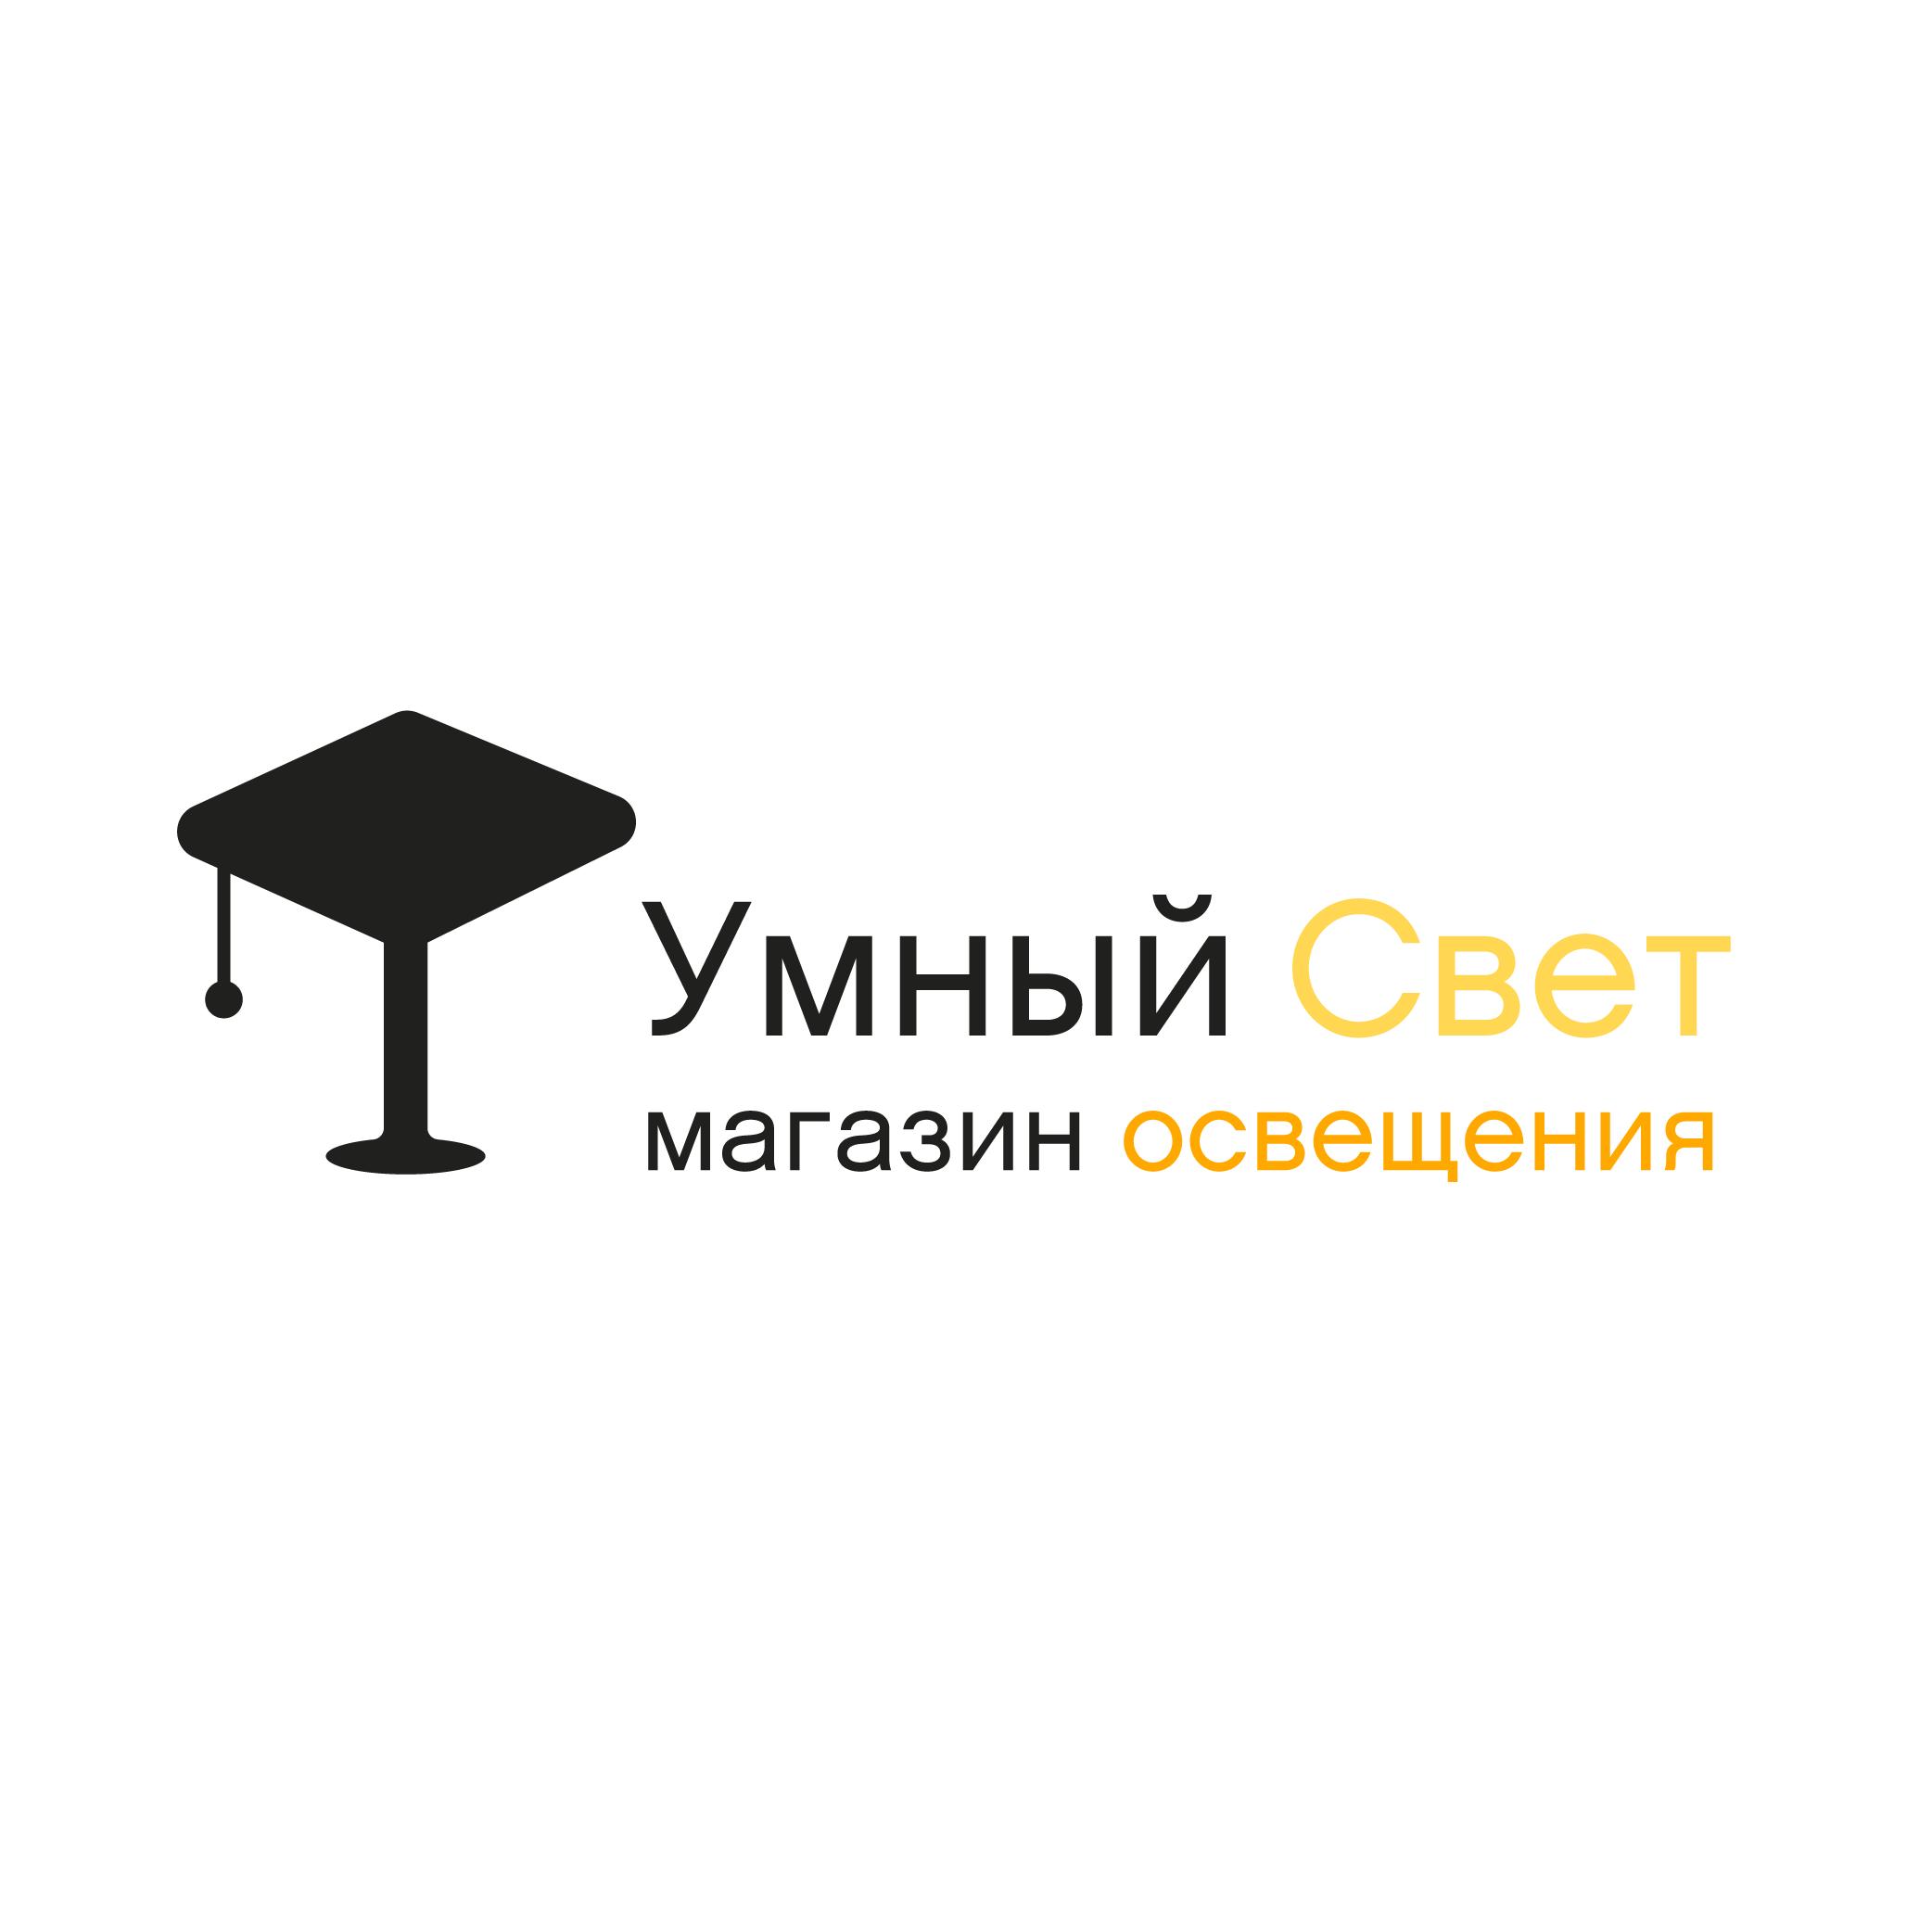 Логотип для салон-магазина освещения фото f_4655cfe65c0077f5.png